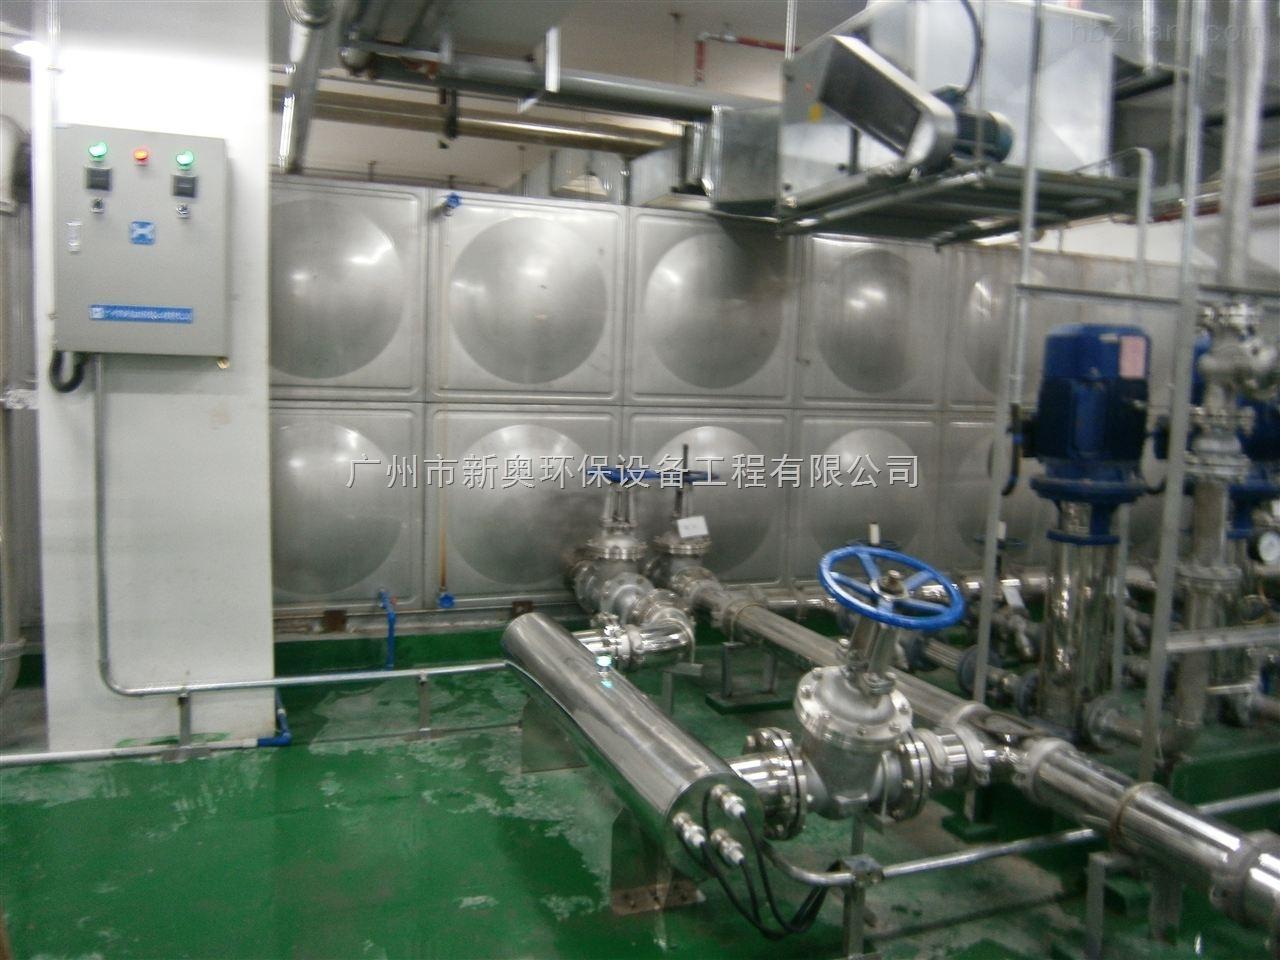 廣州腔體式紫外線消毒器